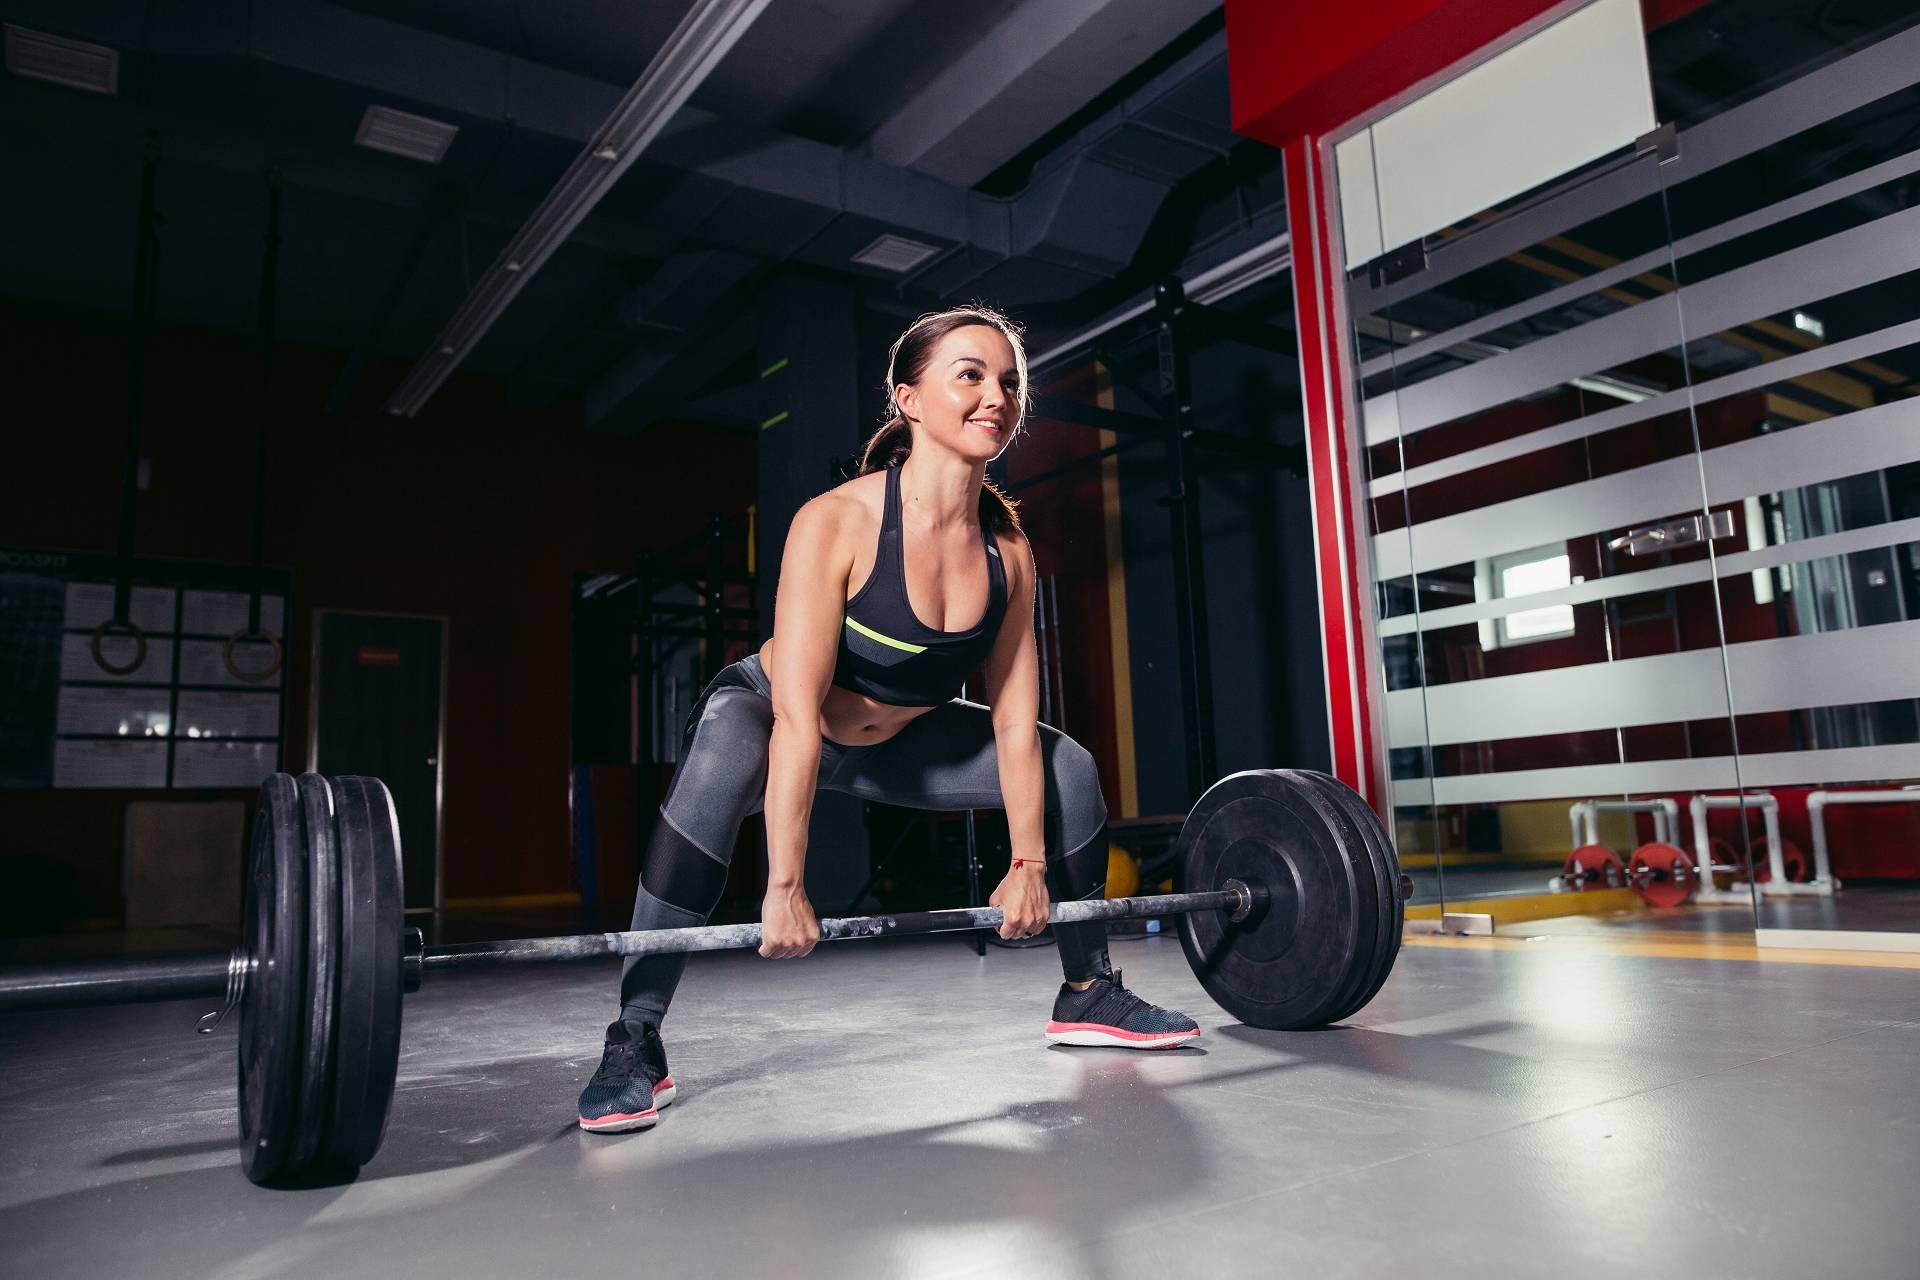 Geschlechtsspezifische Unterschiede in Stoffwechsel & Training